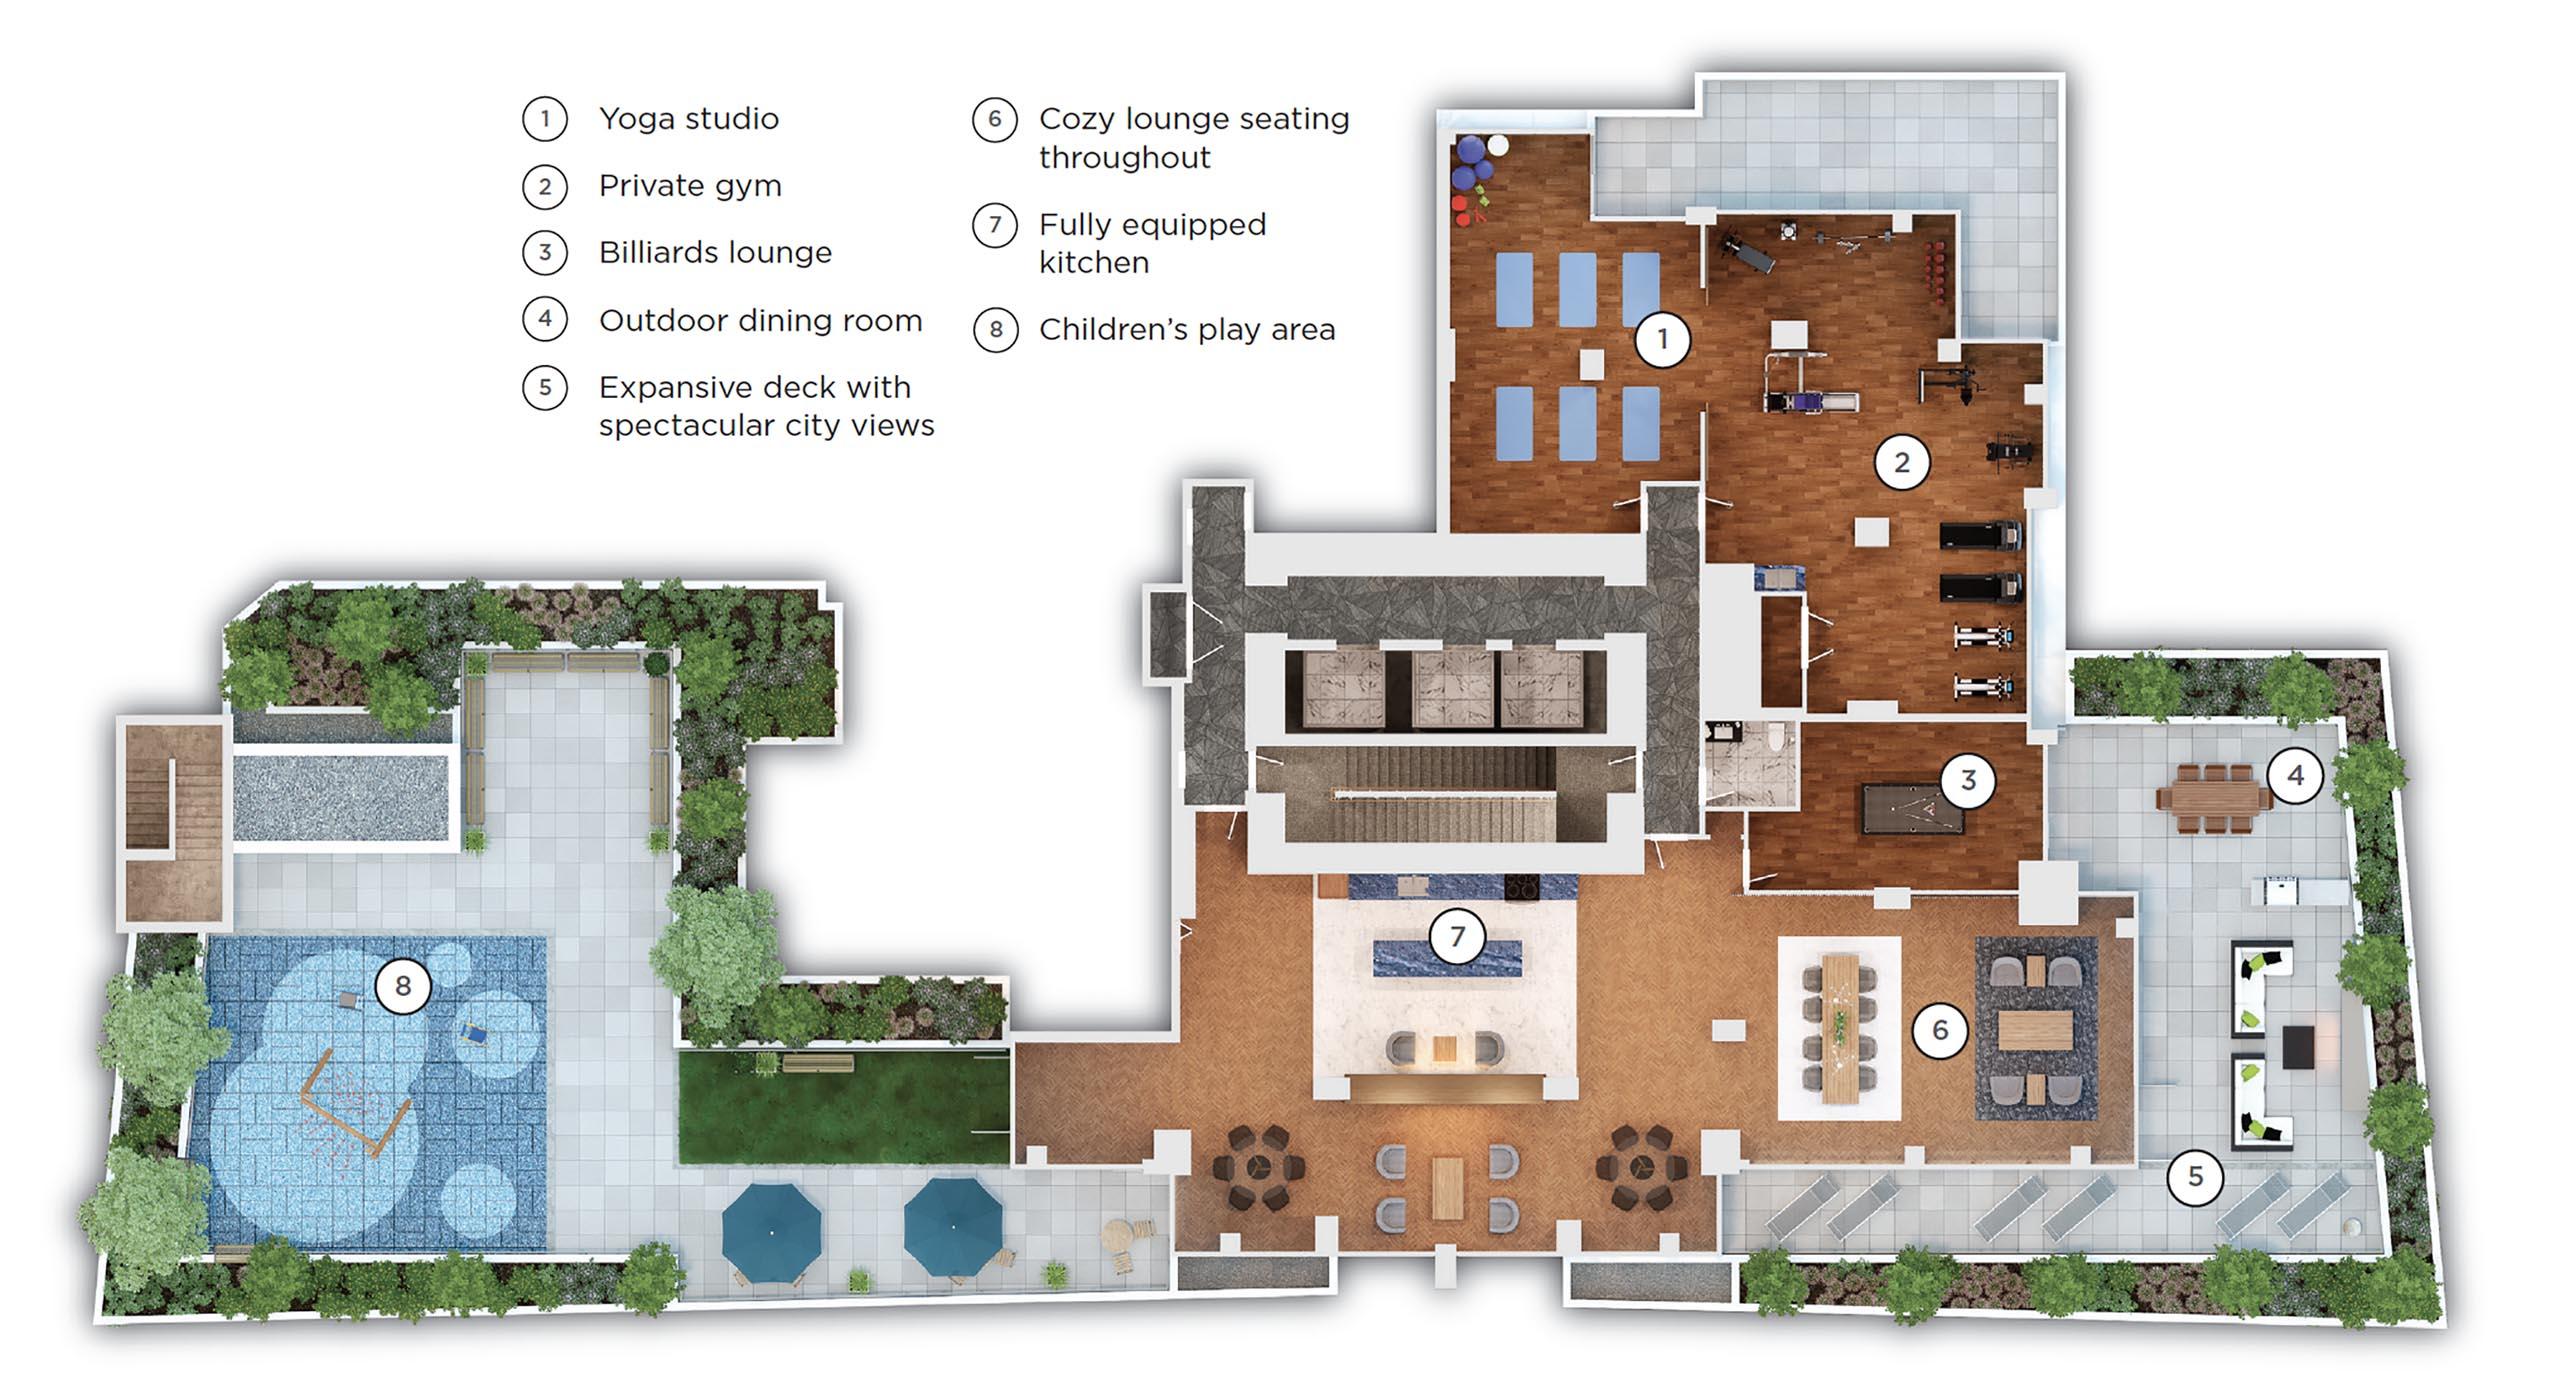 11th floor amenities